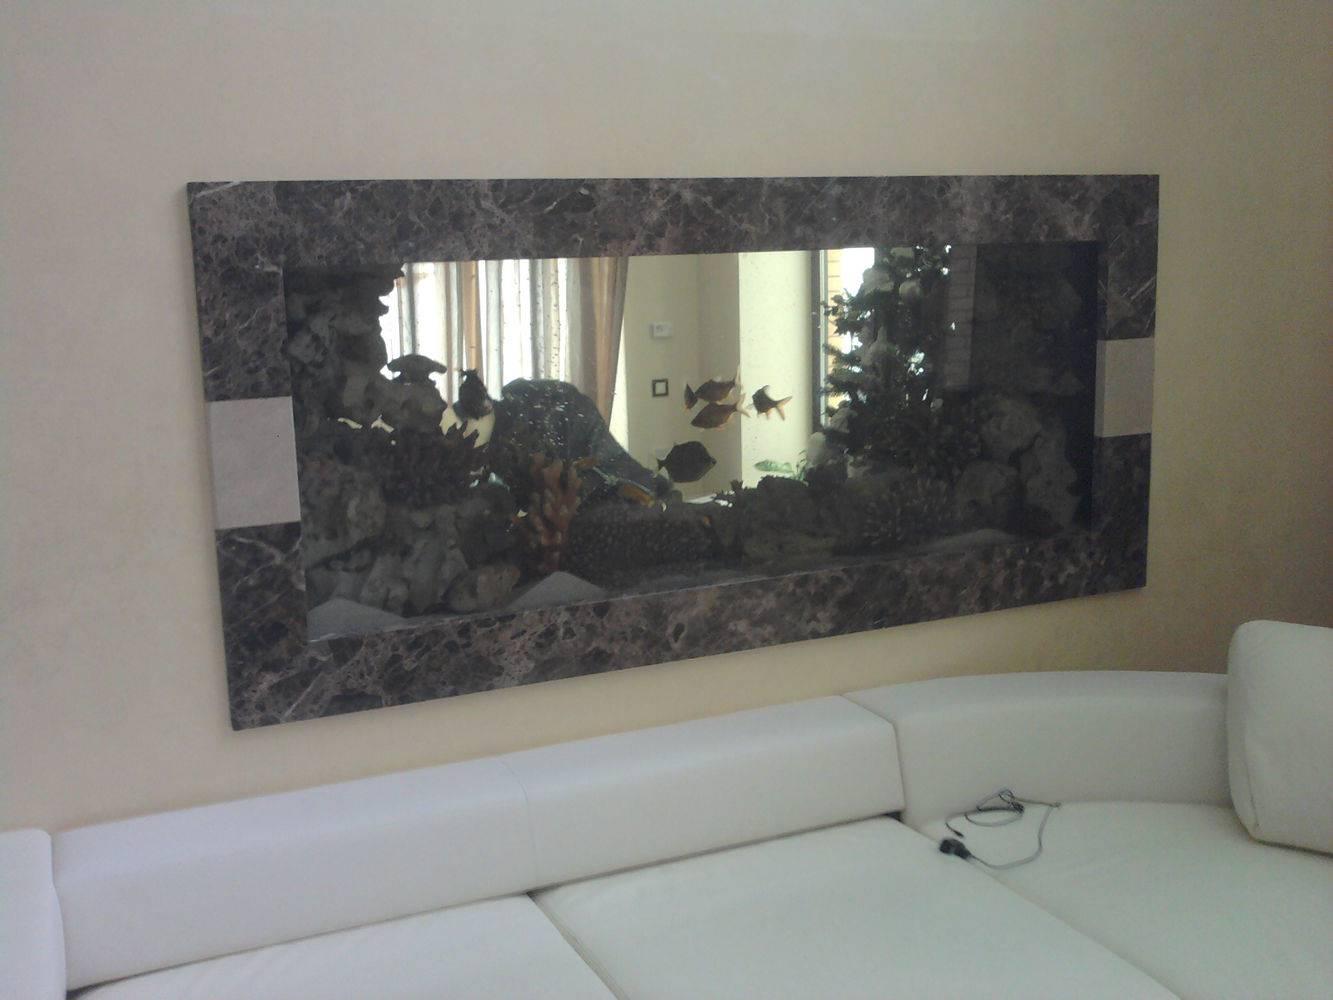 Аквариум со вставками из мрамора фото 1 — изелия и проекты от Bevers Marmyr